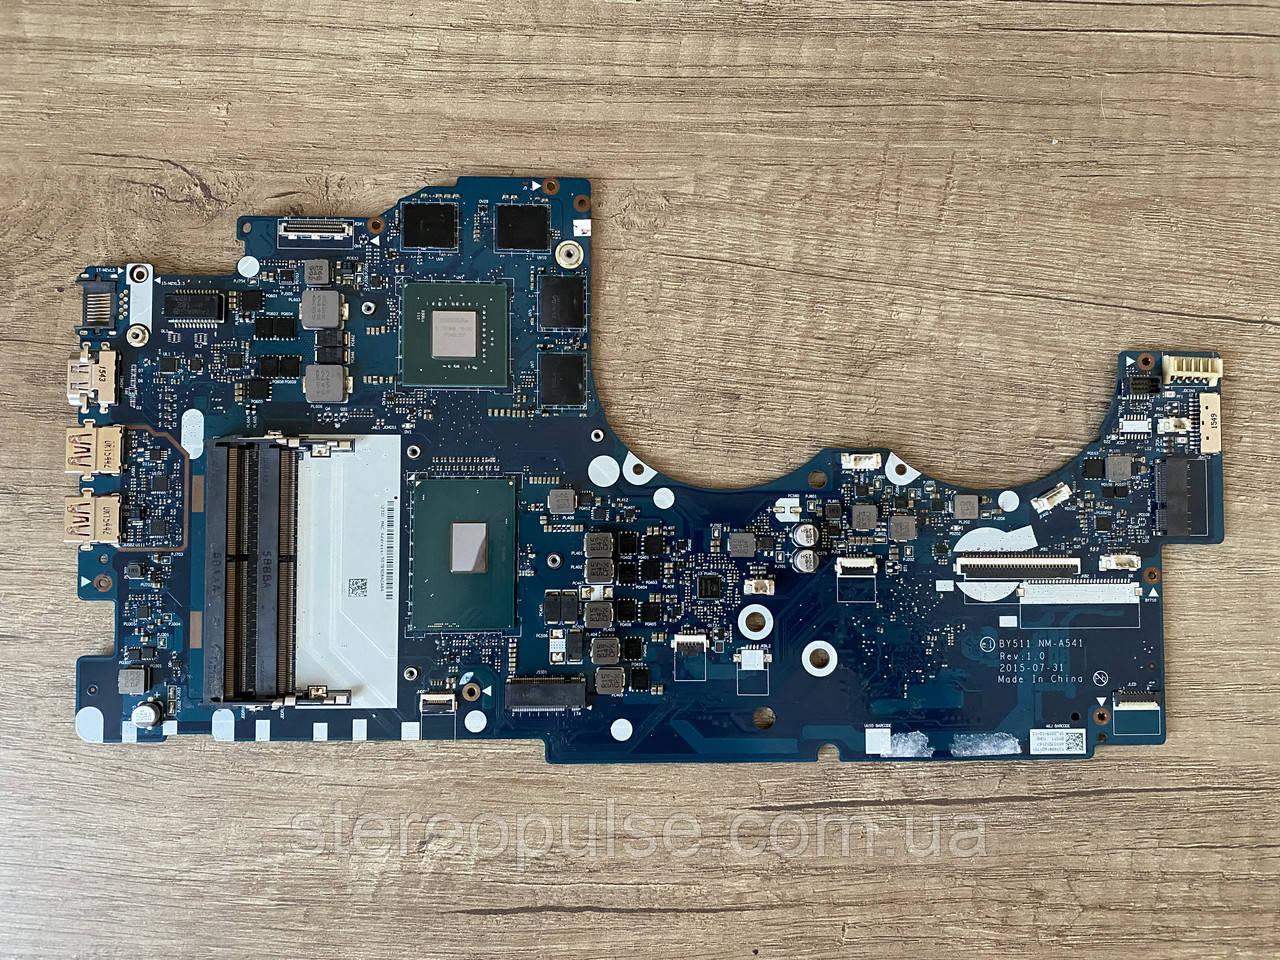 Материнская плата BY511 NM-A541 (Rev: 1.0) для ноутбука Lenovo Y700